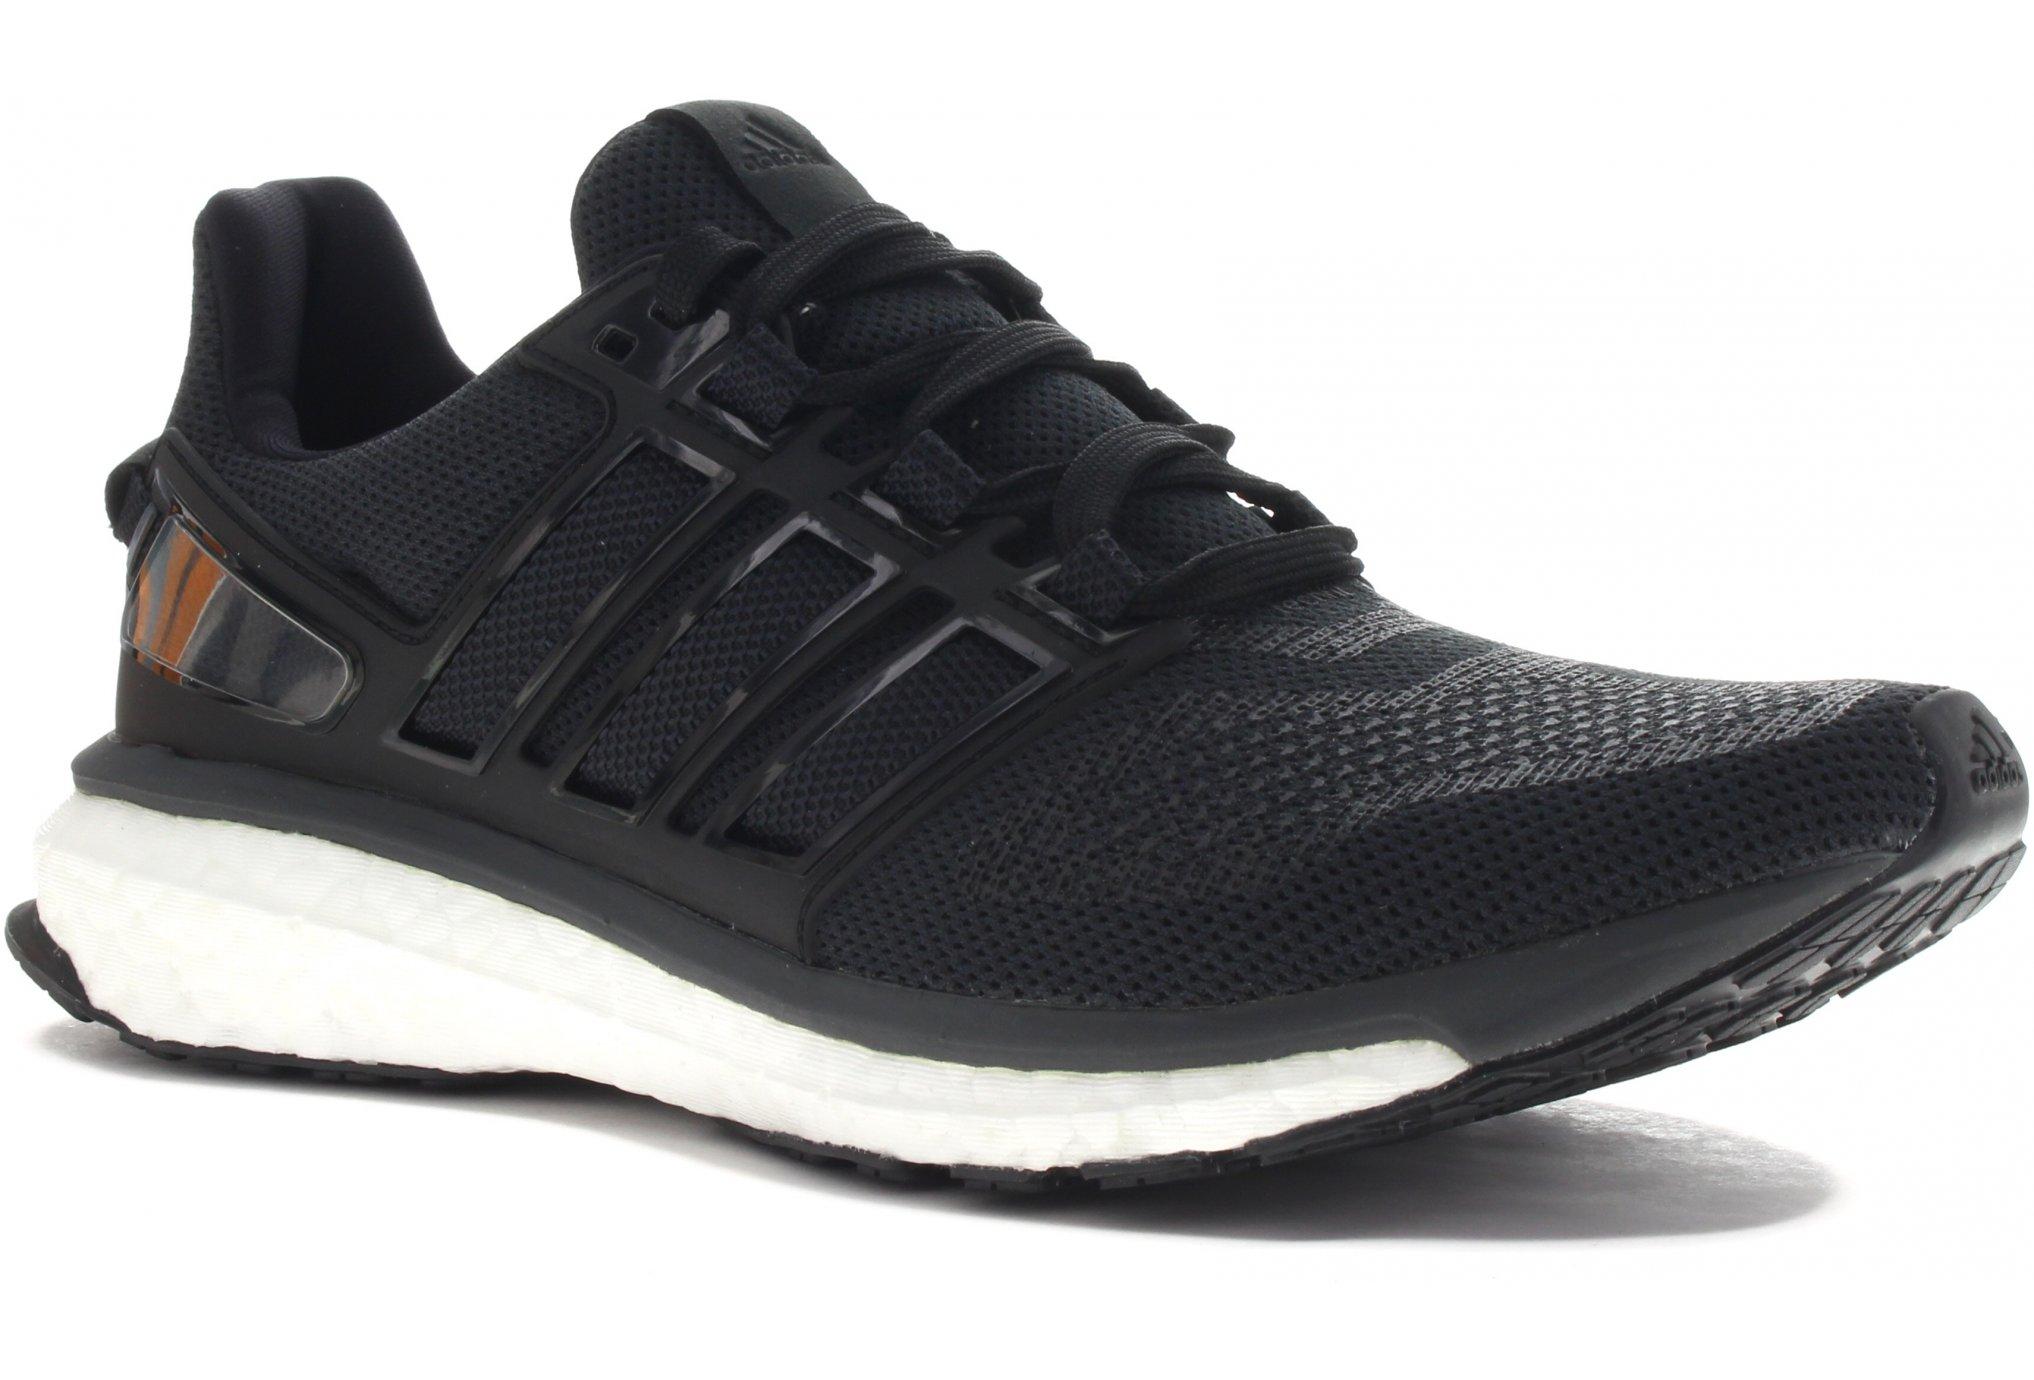 Adidas energy boost 3 m diététique chaussures homme chez IRun